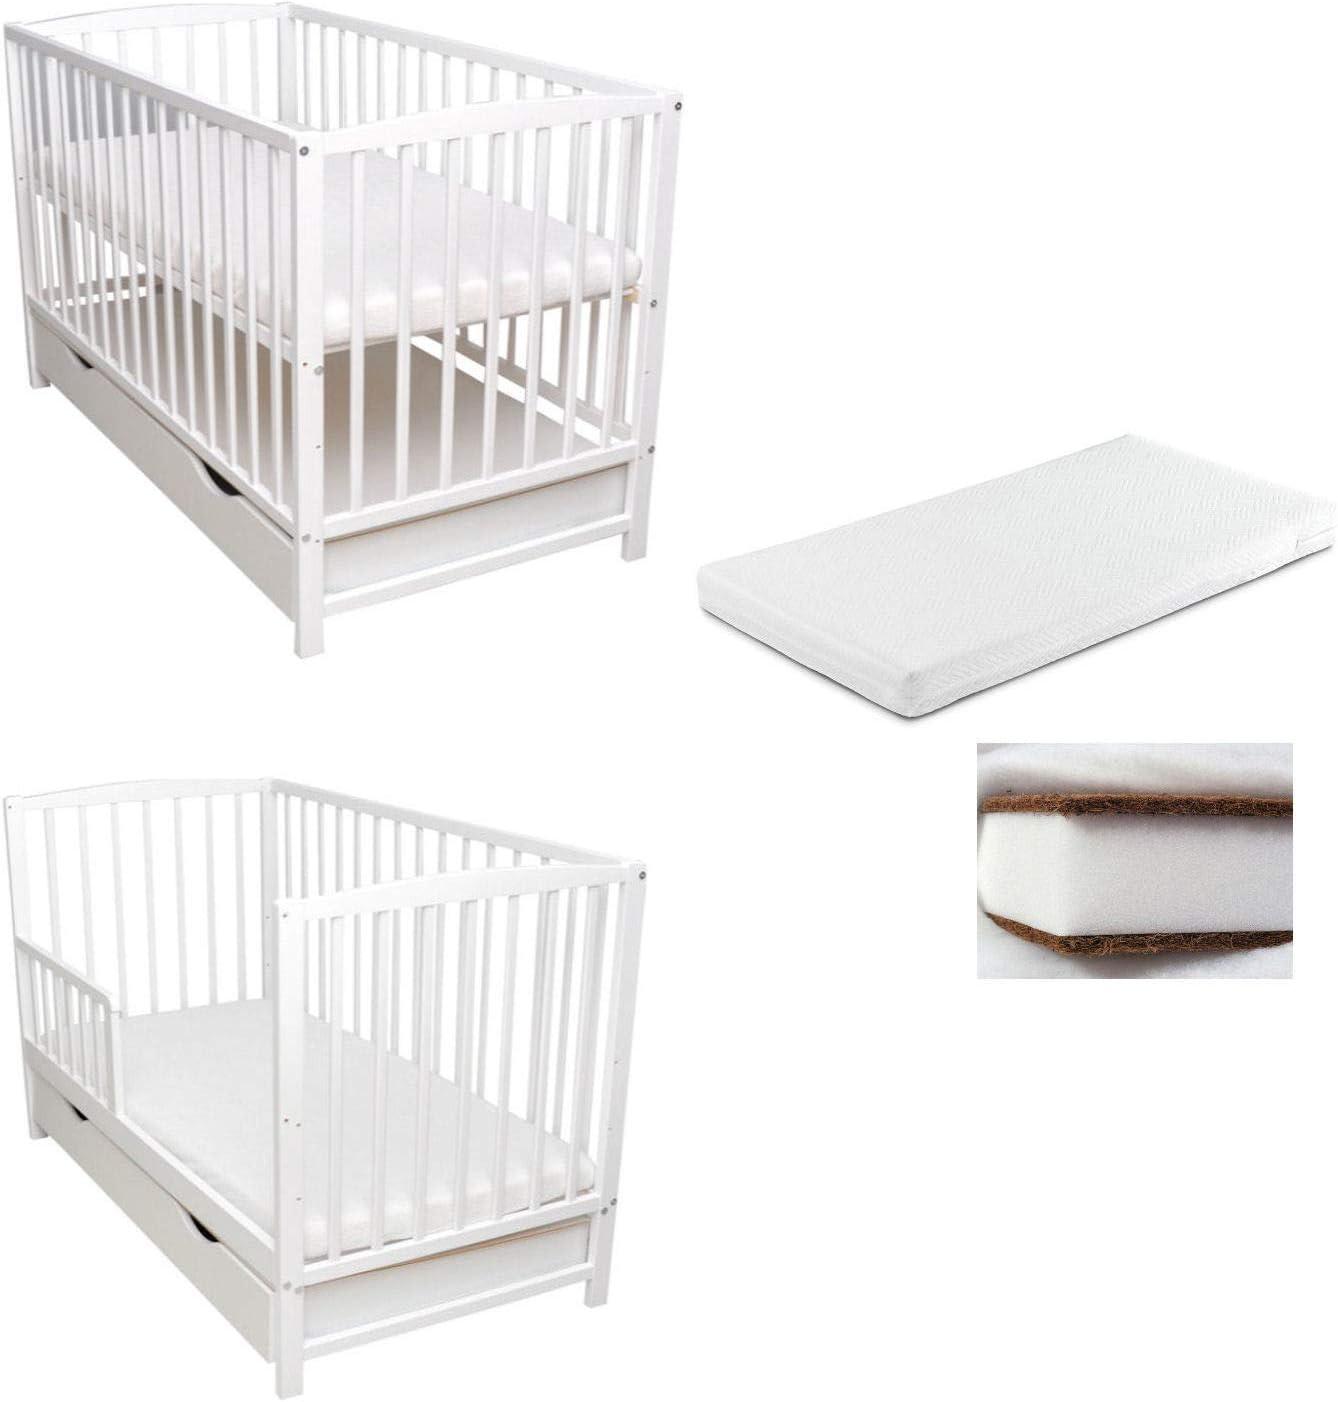 Barrera protectora para cuna de bebé, 2 en 1, 120 x 60 cm, color blanco, colchón convertible en cajón de cama infantil